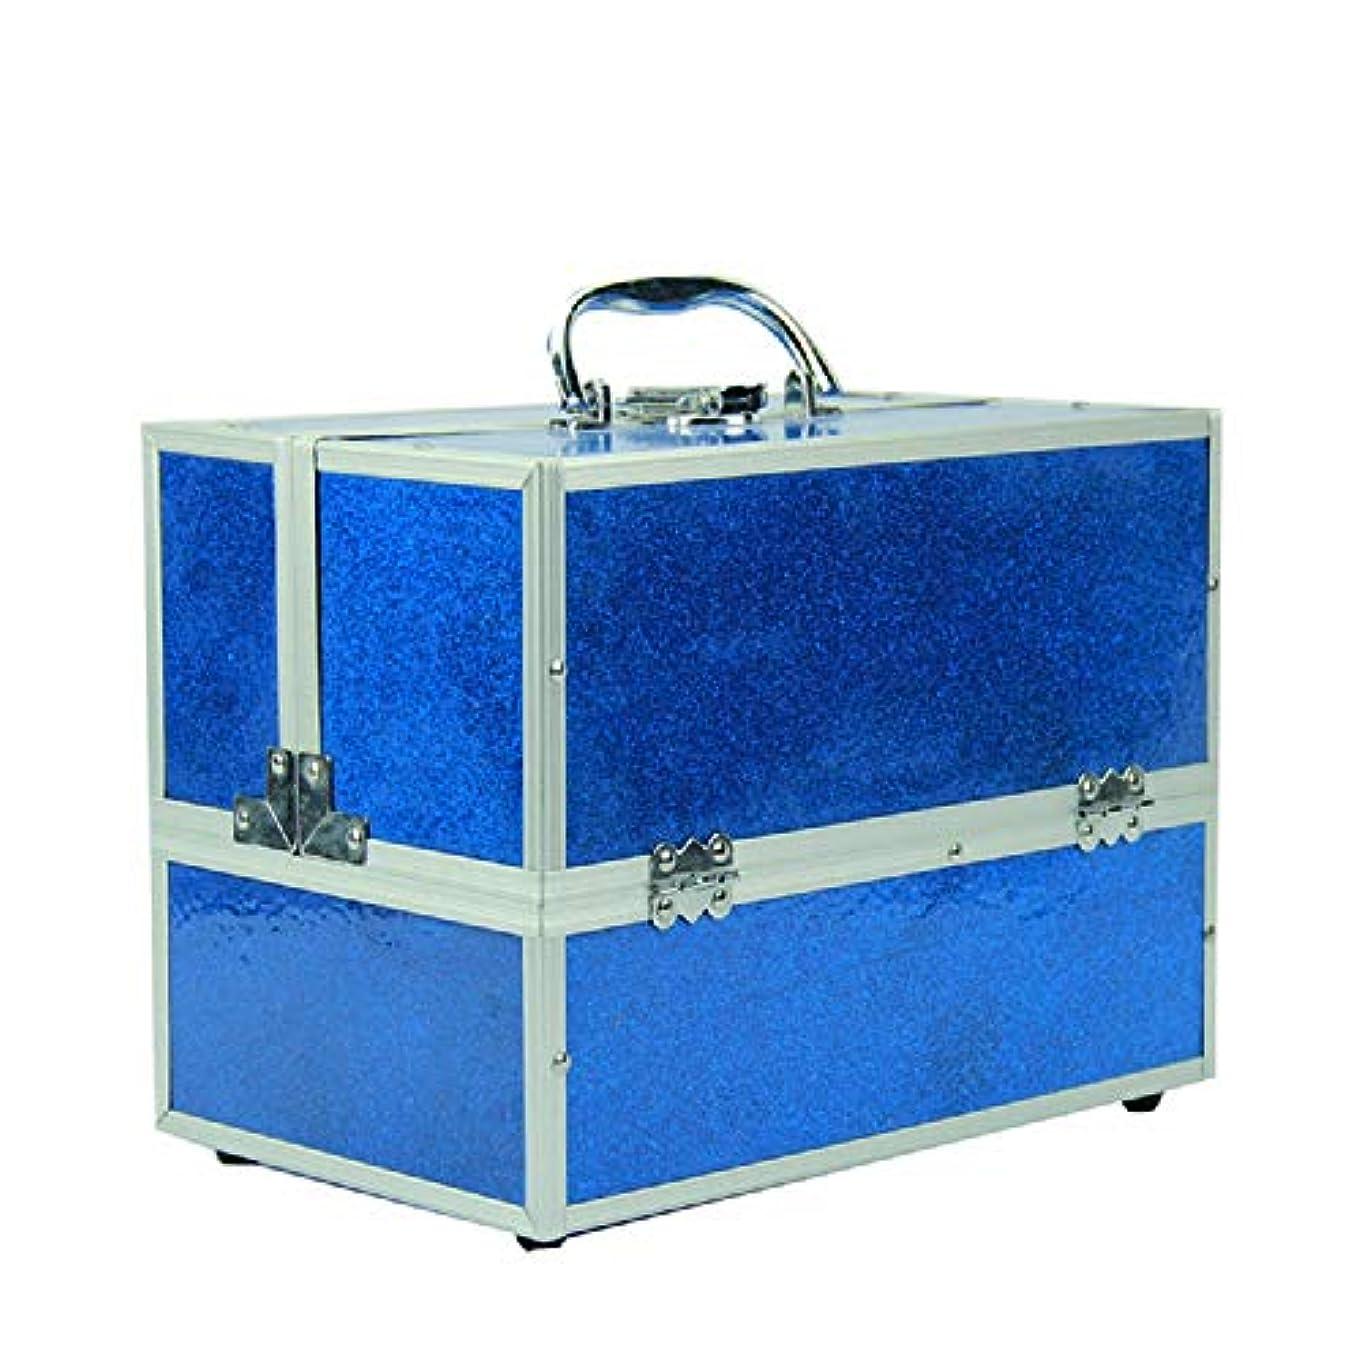 気質謎めいた条件付き化粧オーガナイザーバッグ 純粋な色ポータブル化粧品ケーストラベルアクセサリーシャンプーボディウォッシュパーソナルアイテムストレージロックとスライディングトレイ 化粧品ケース